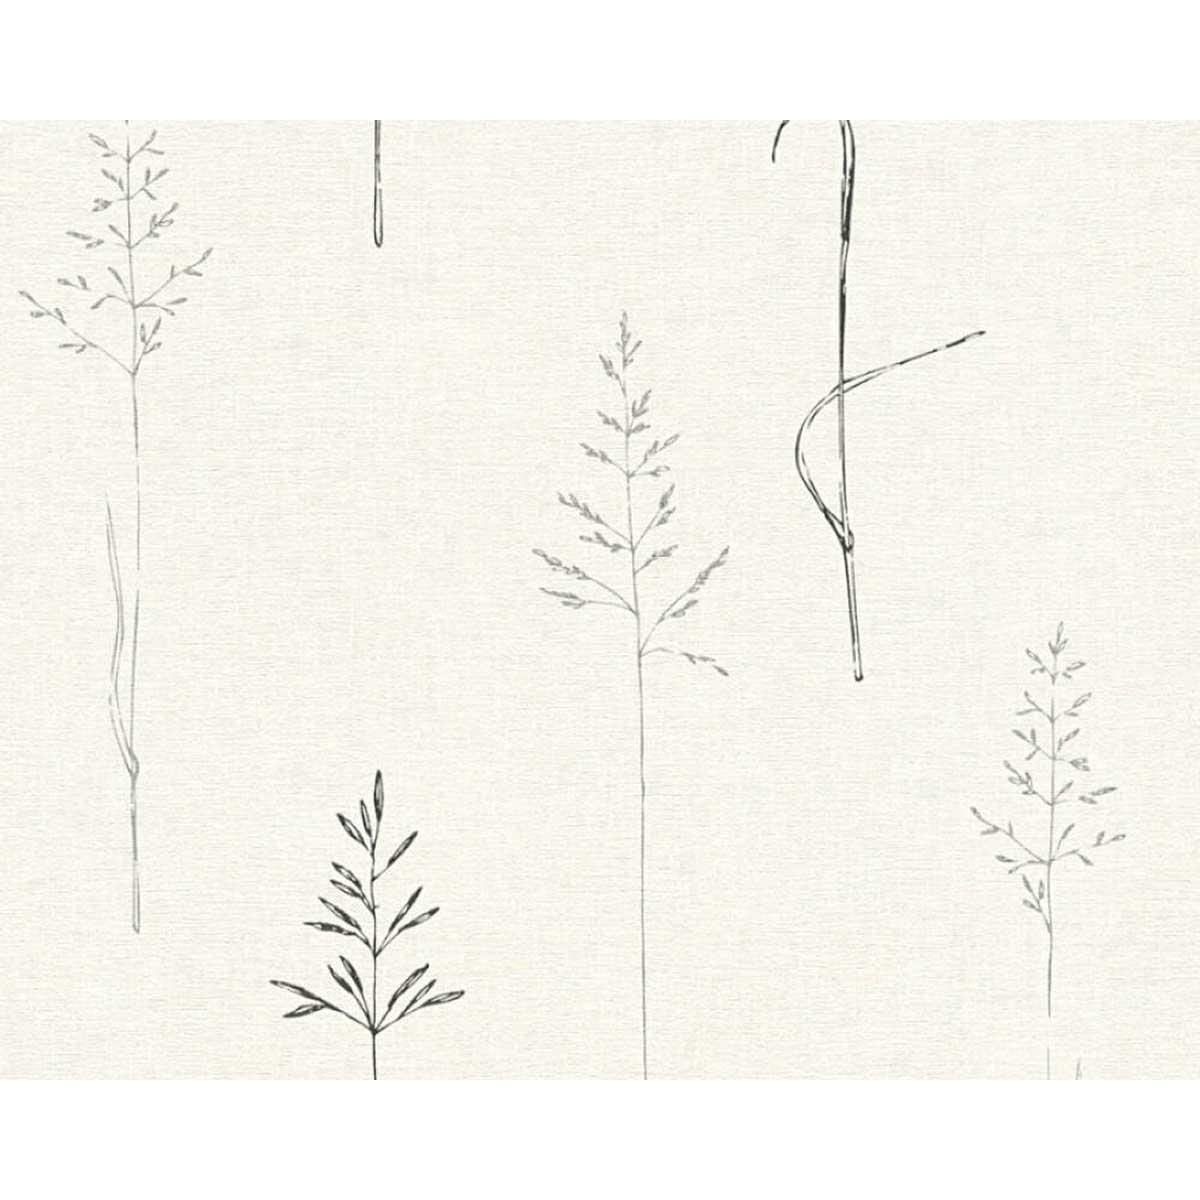 Papier peint impressions de graminés - Noir Blanc - 10 ml x 0,53 m